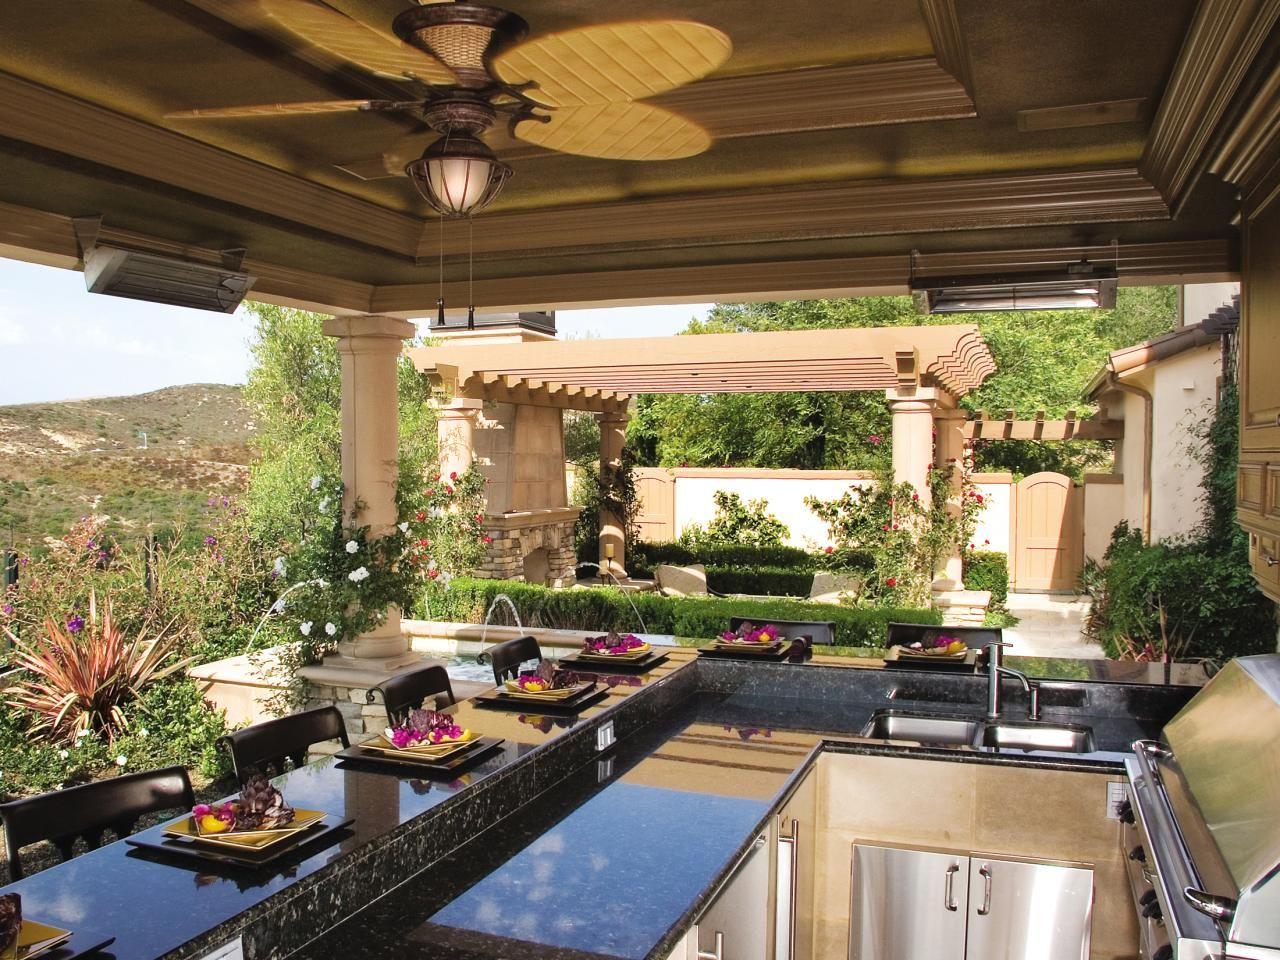 Bilder Von Outdoor Küchen   Küche   Pinterest   Outdoor küche ...